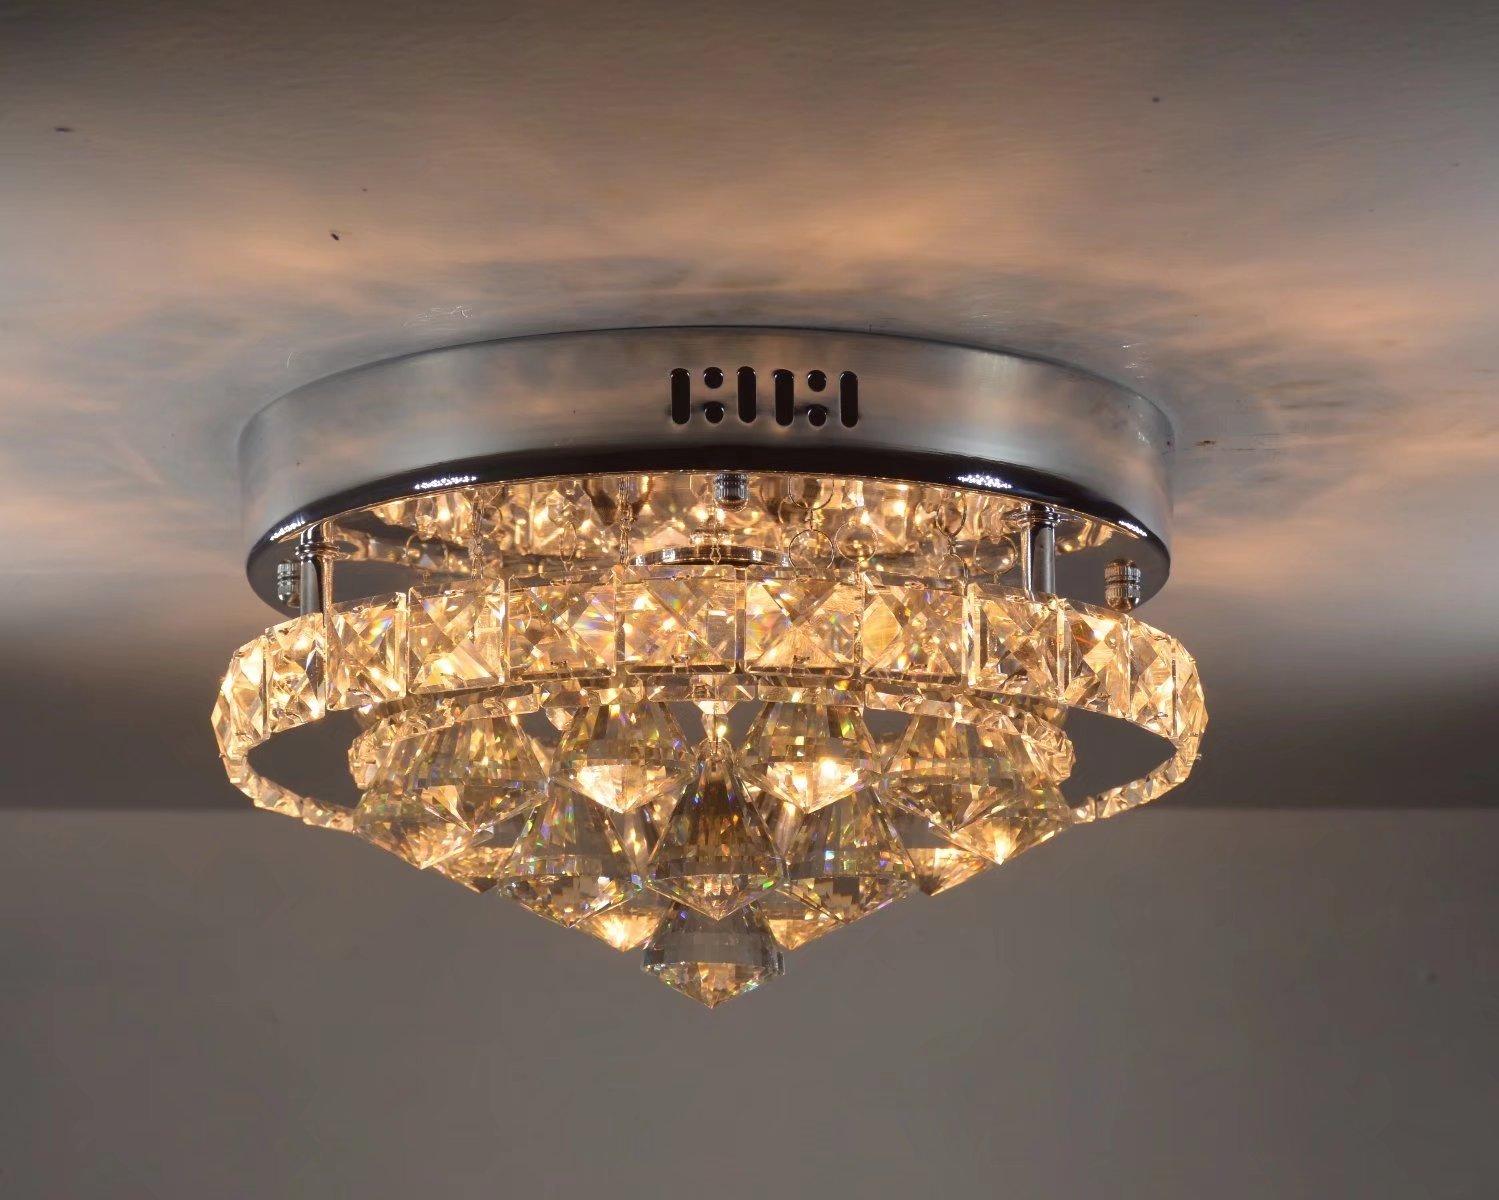 Plafoniera Cristallo Led : Sflgmf plafoniera moderna a led in cristallo luce camera da letto